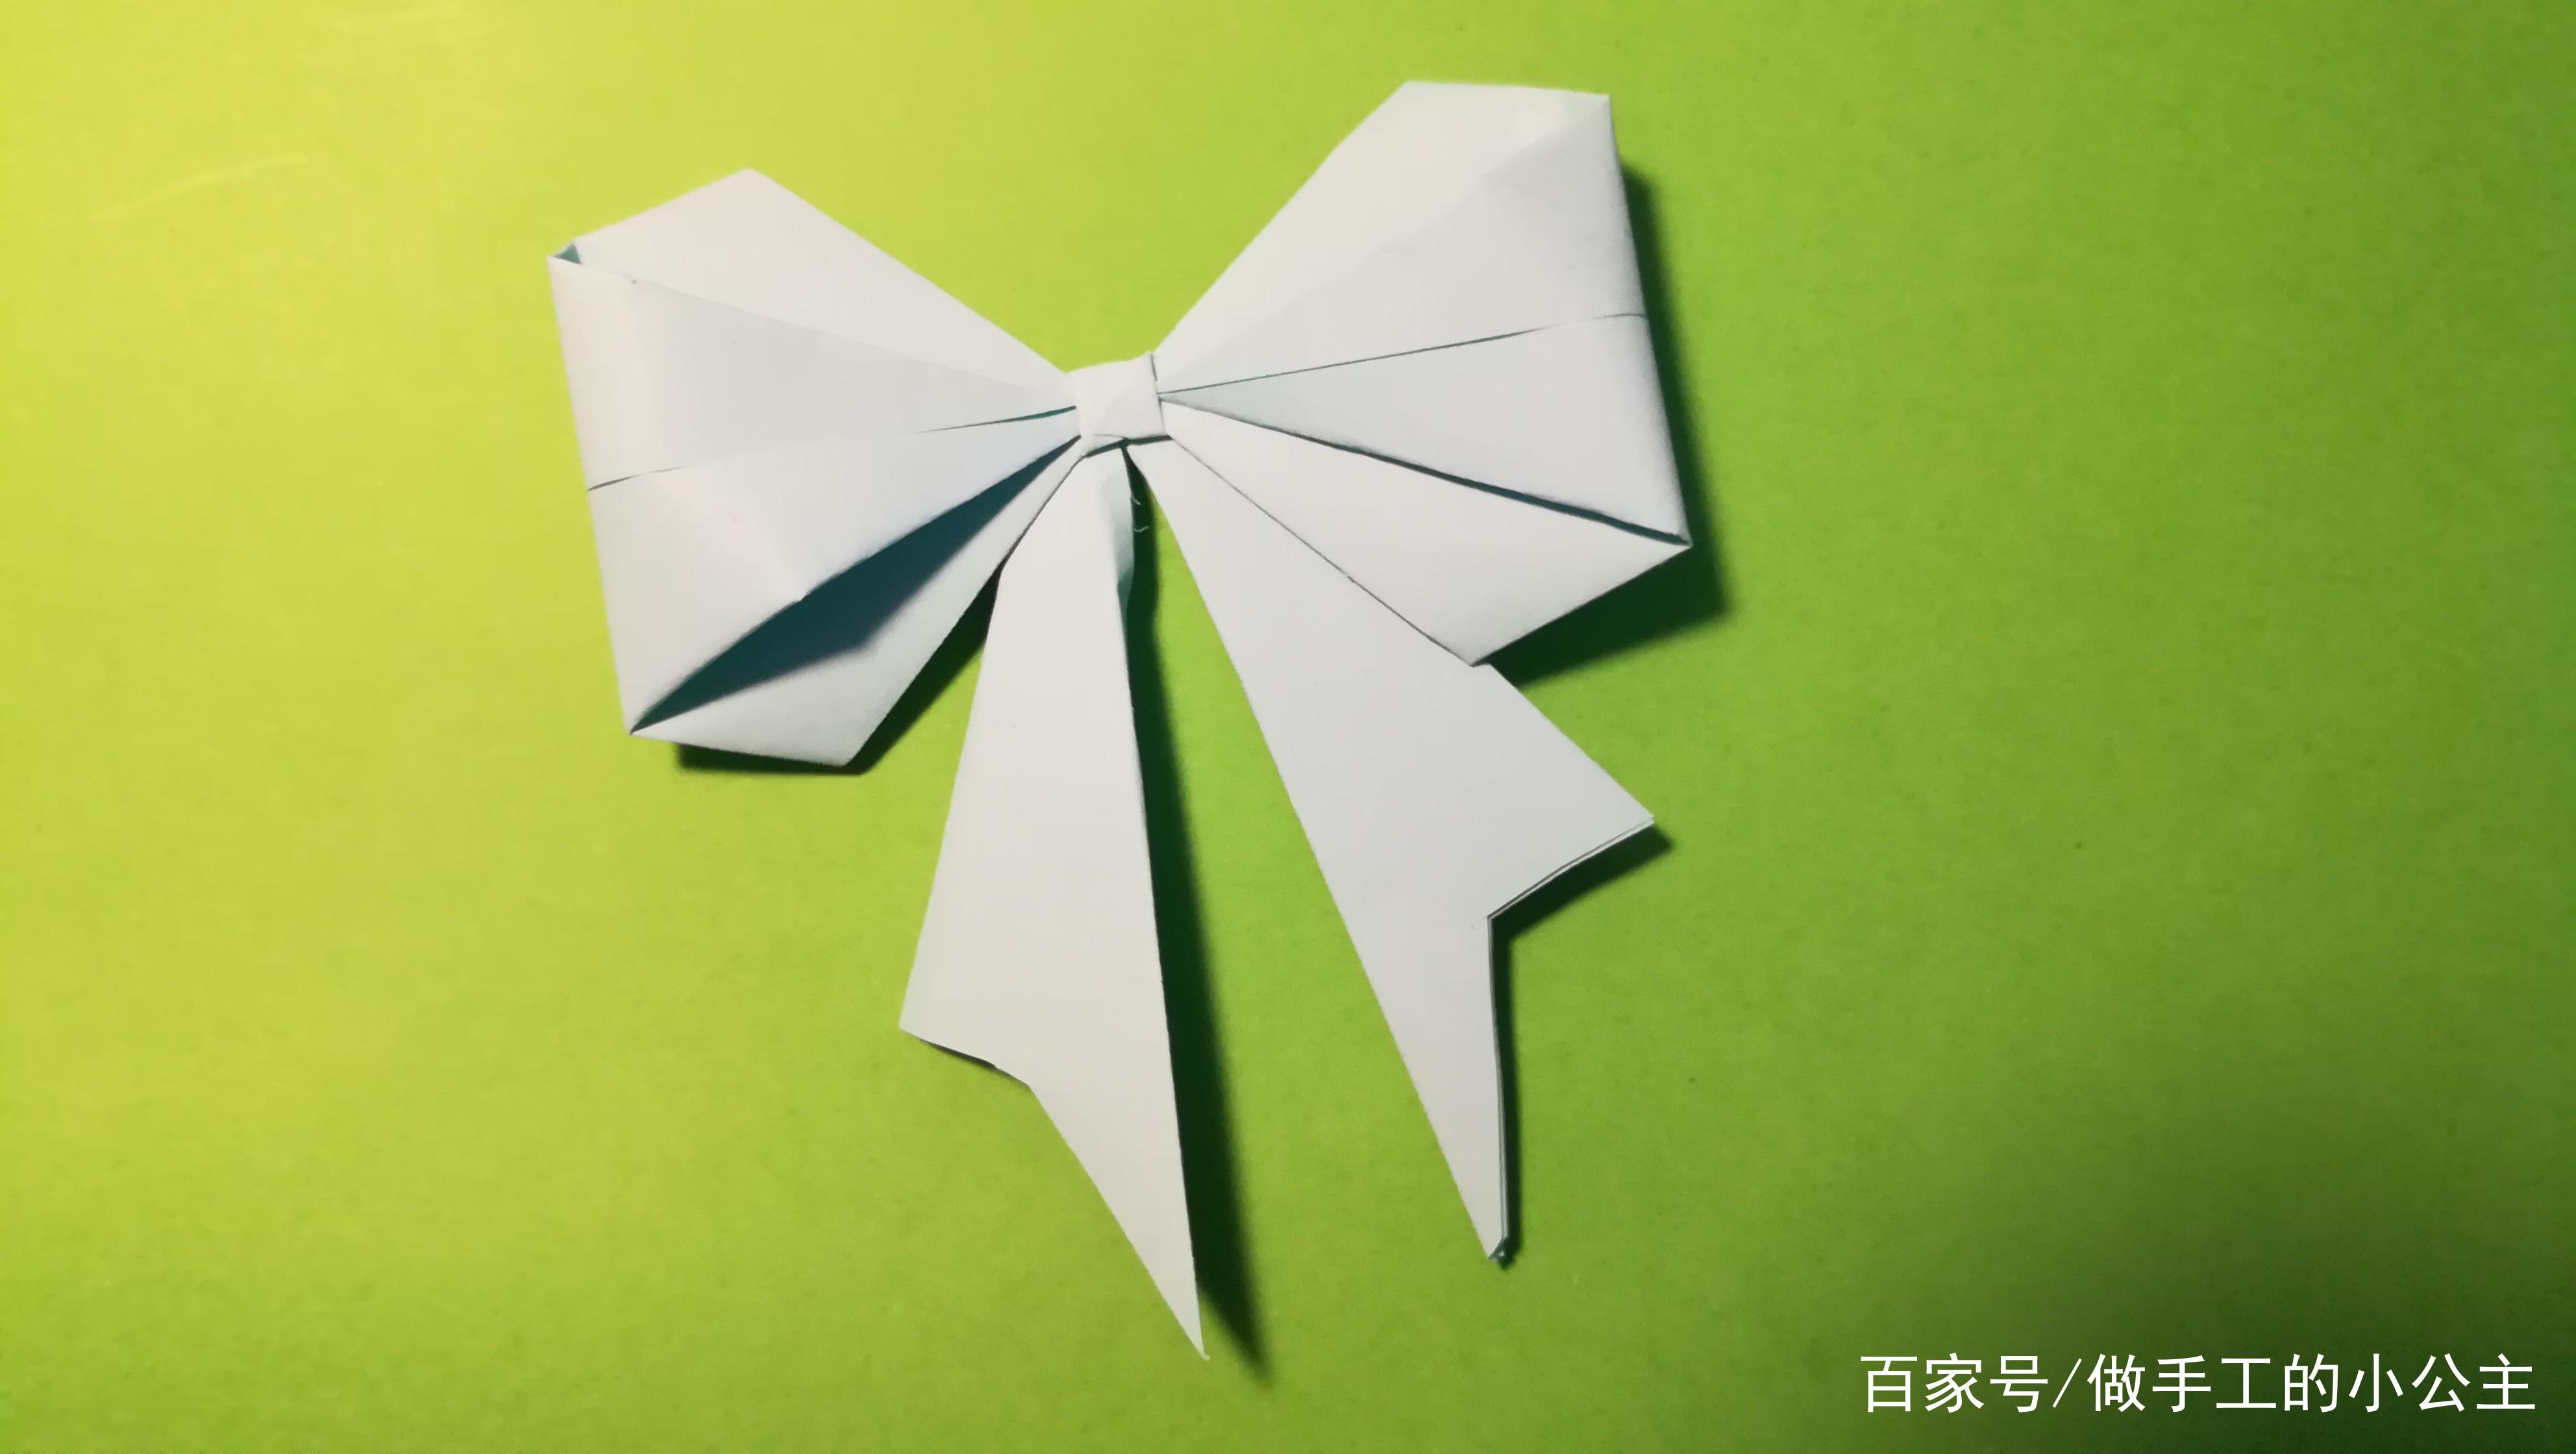 手工:教你用折纸折出美丽的蝴蝶结,女孩子们都喜欢!